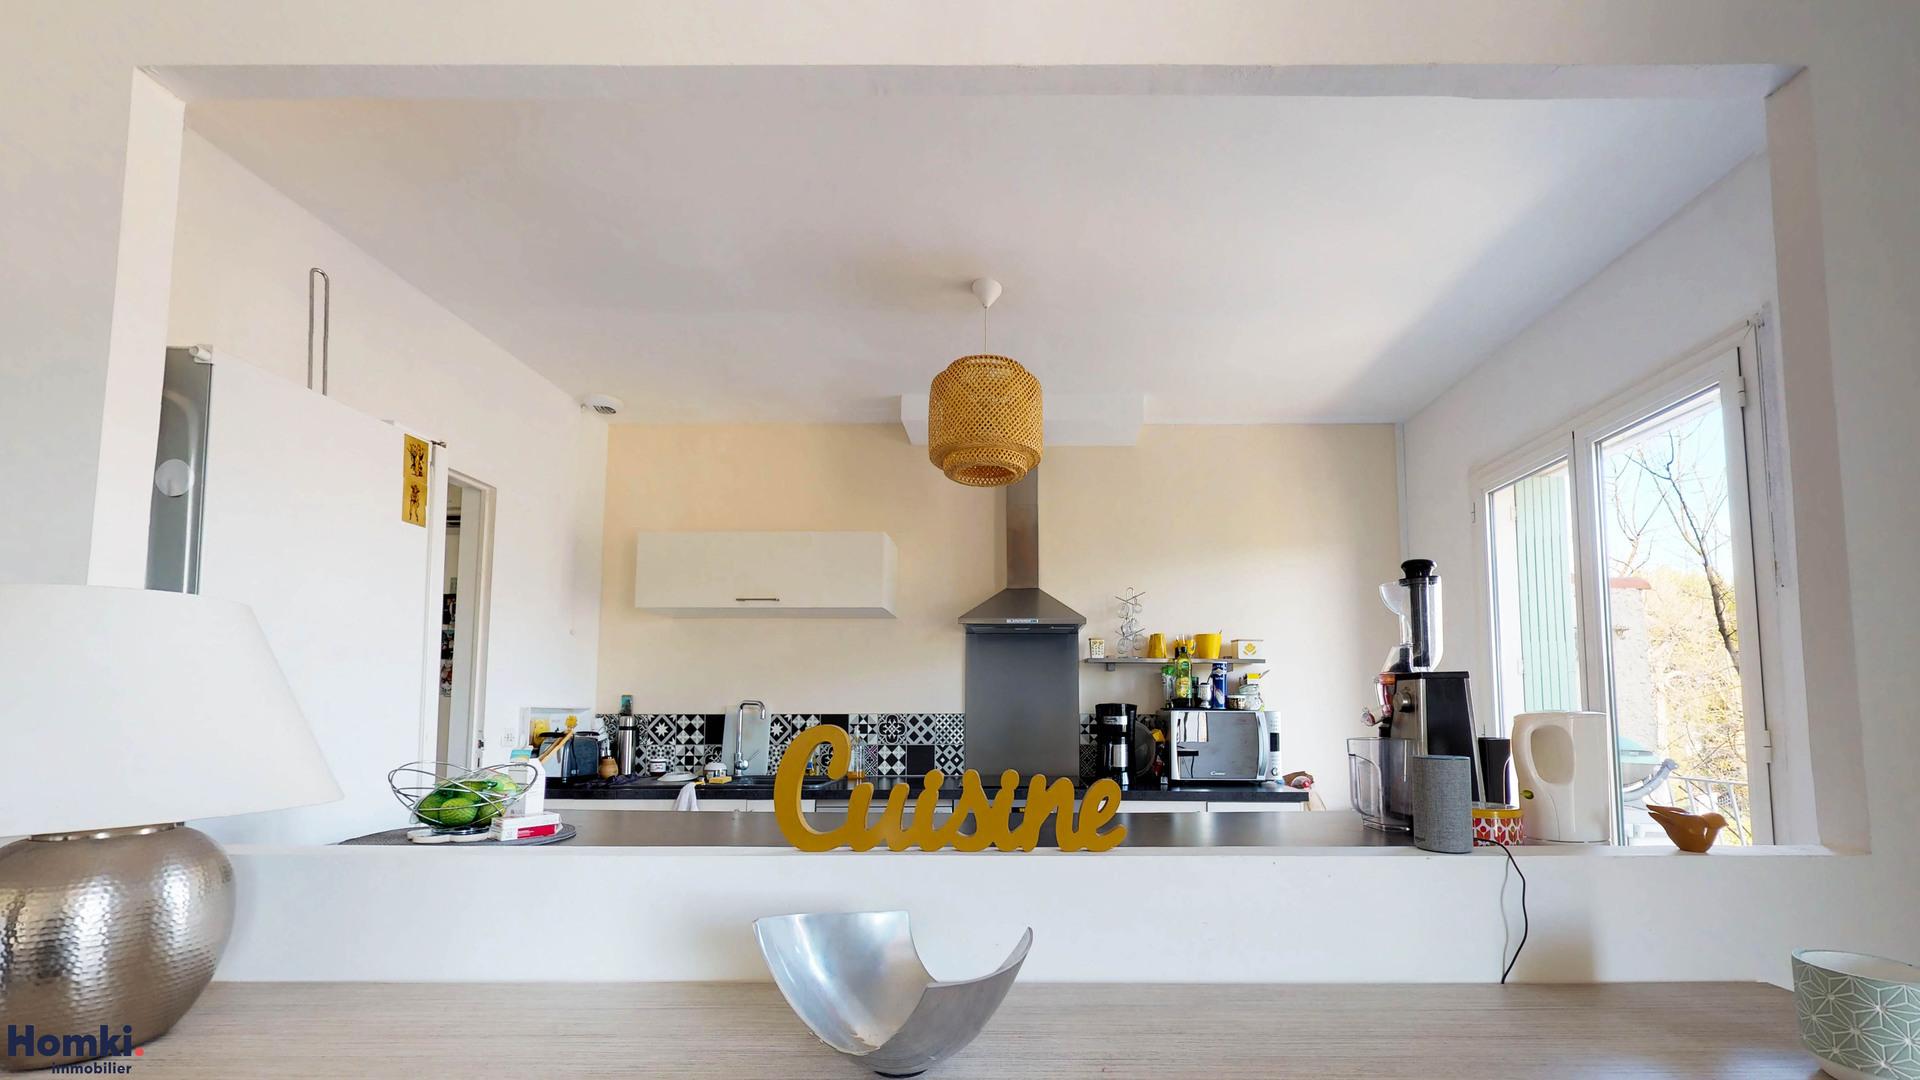 Vente Appartement 104 m² T4 13400 Aubagne_5